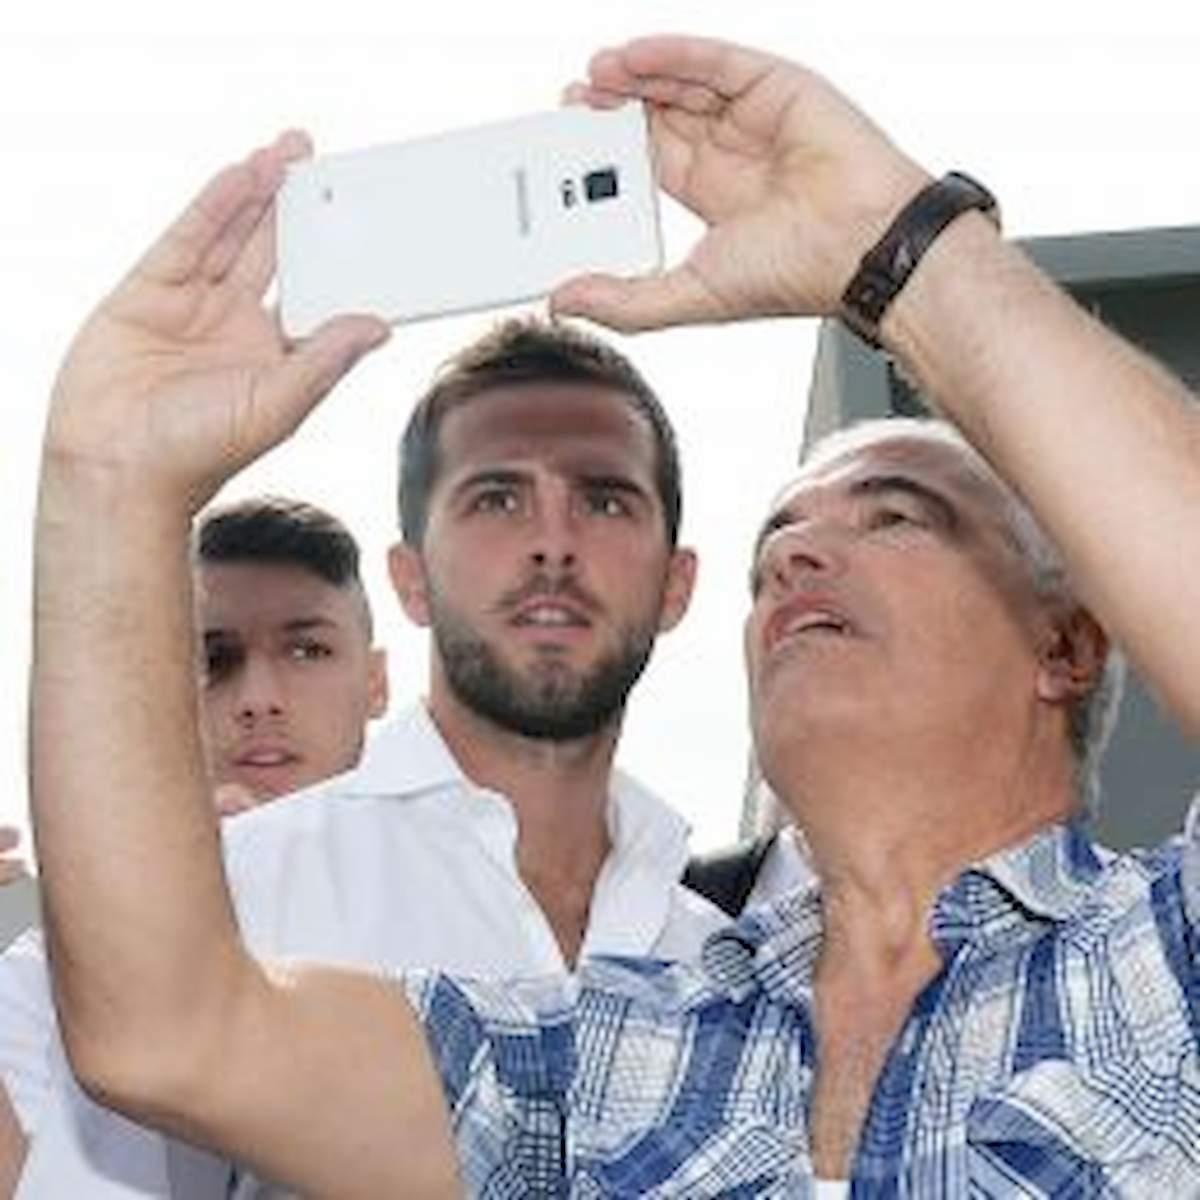 Calciomercato Juventus, il Barcellona insiste per Pjanic dopo il brutto infortunio Jong